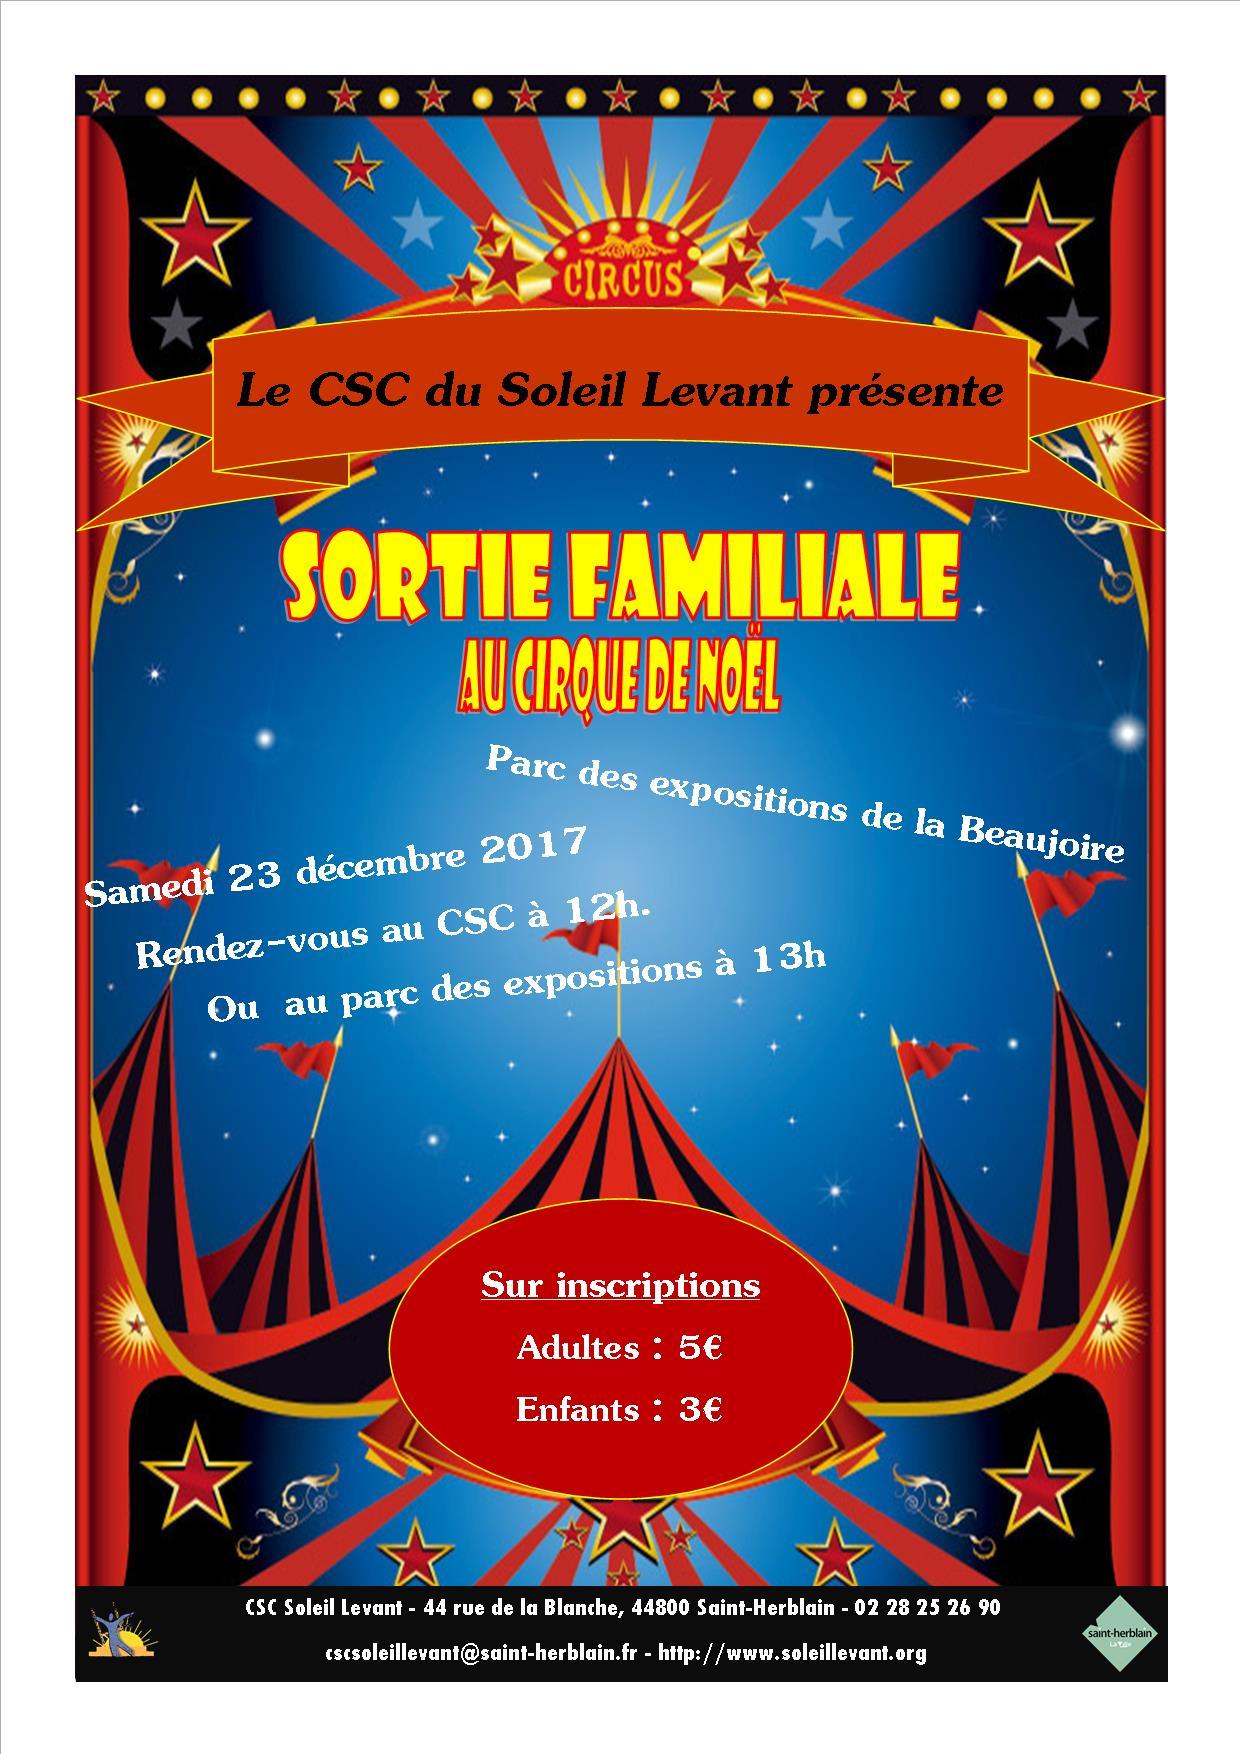 Sortie familiale au Cirque